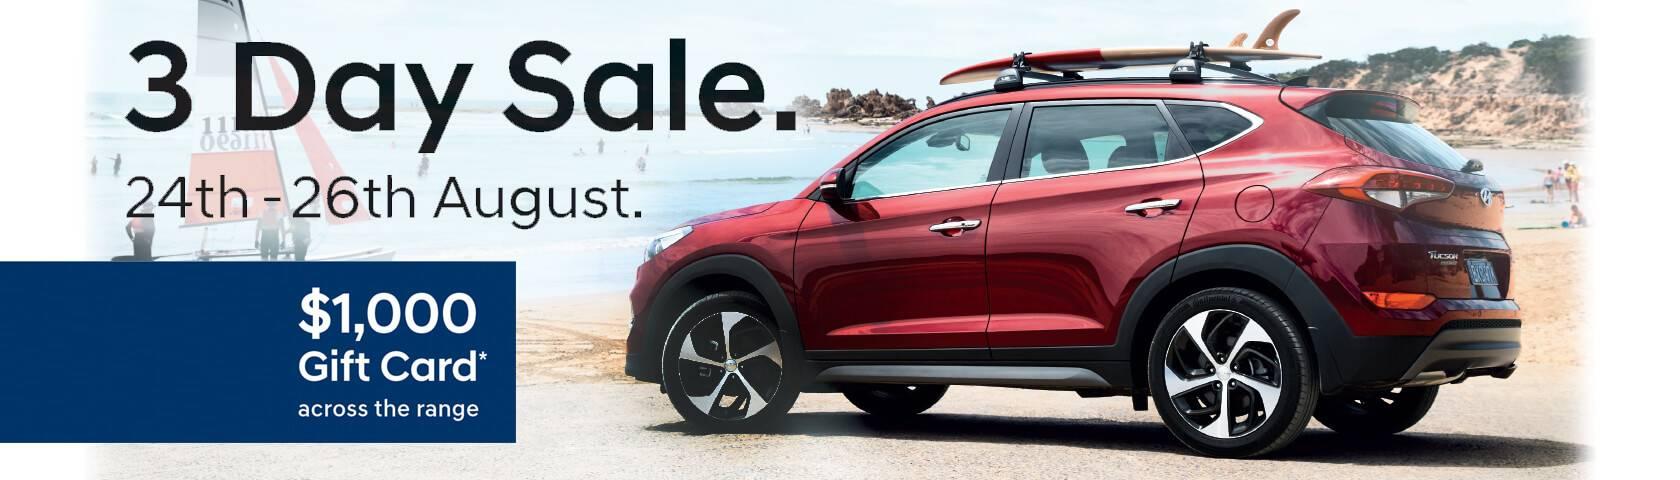 Llewellyn Hyundai - 3 Day Sale